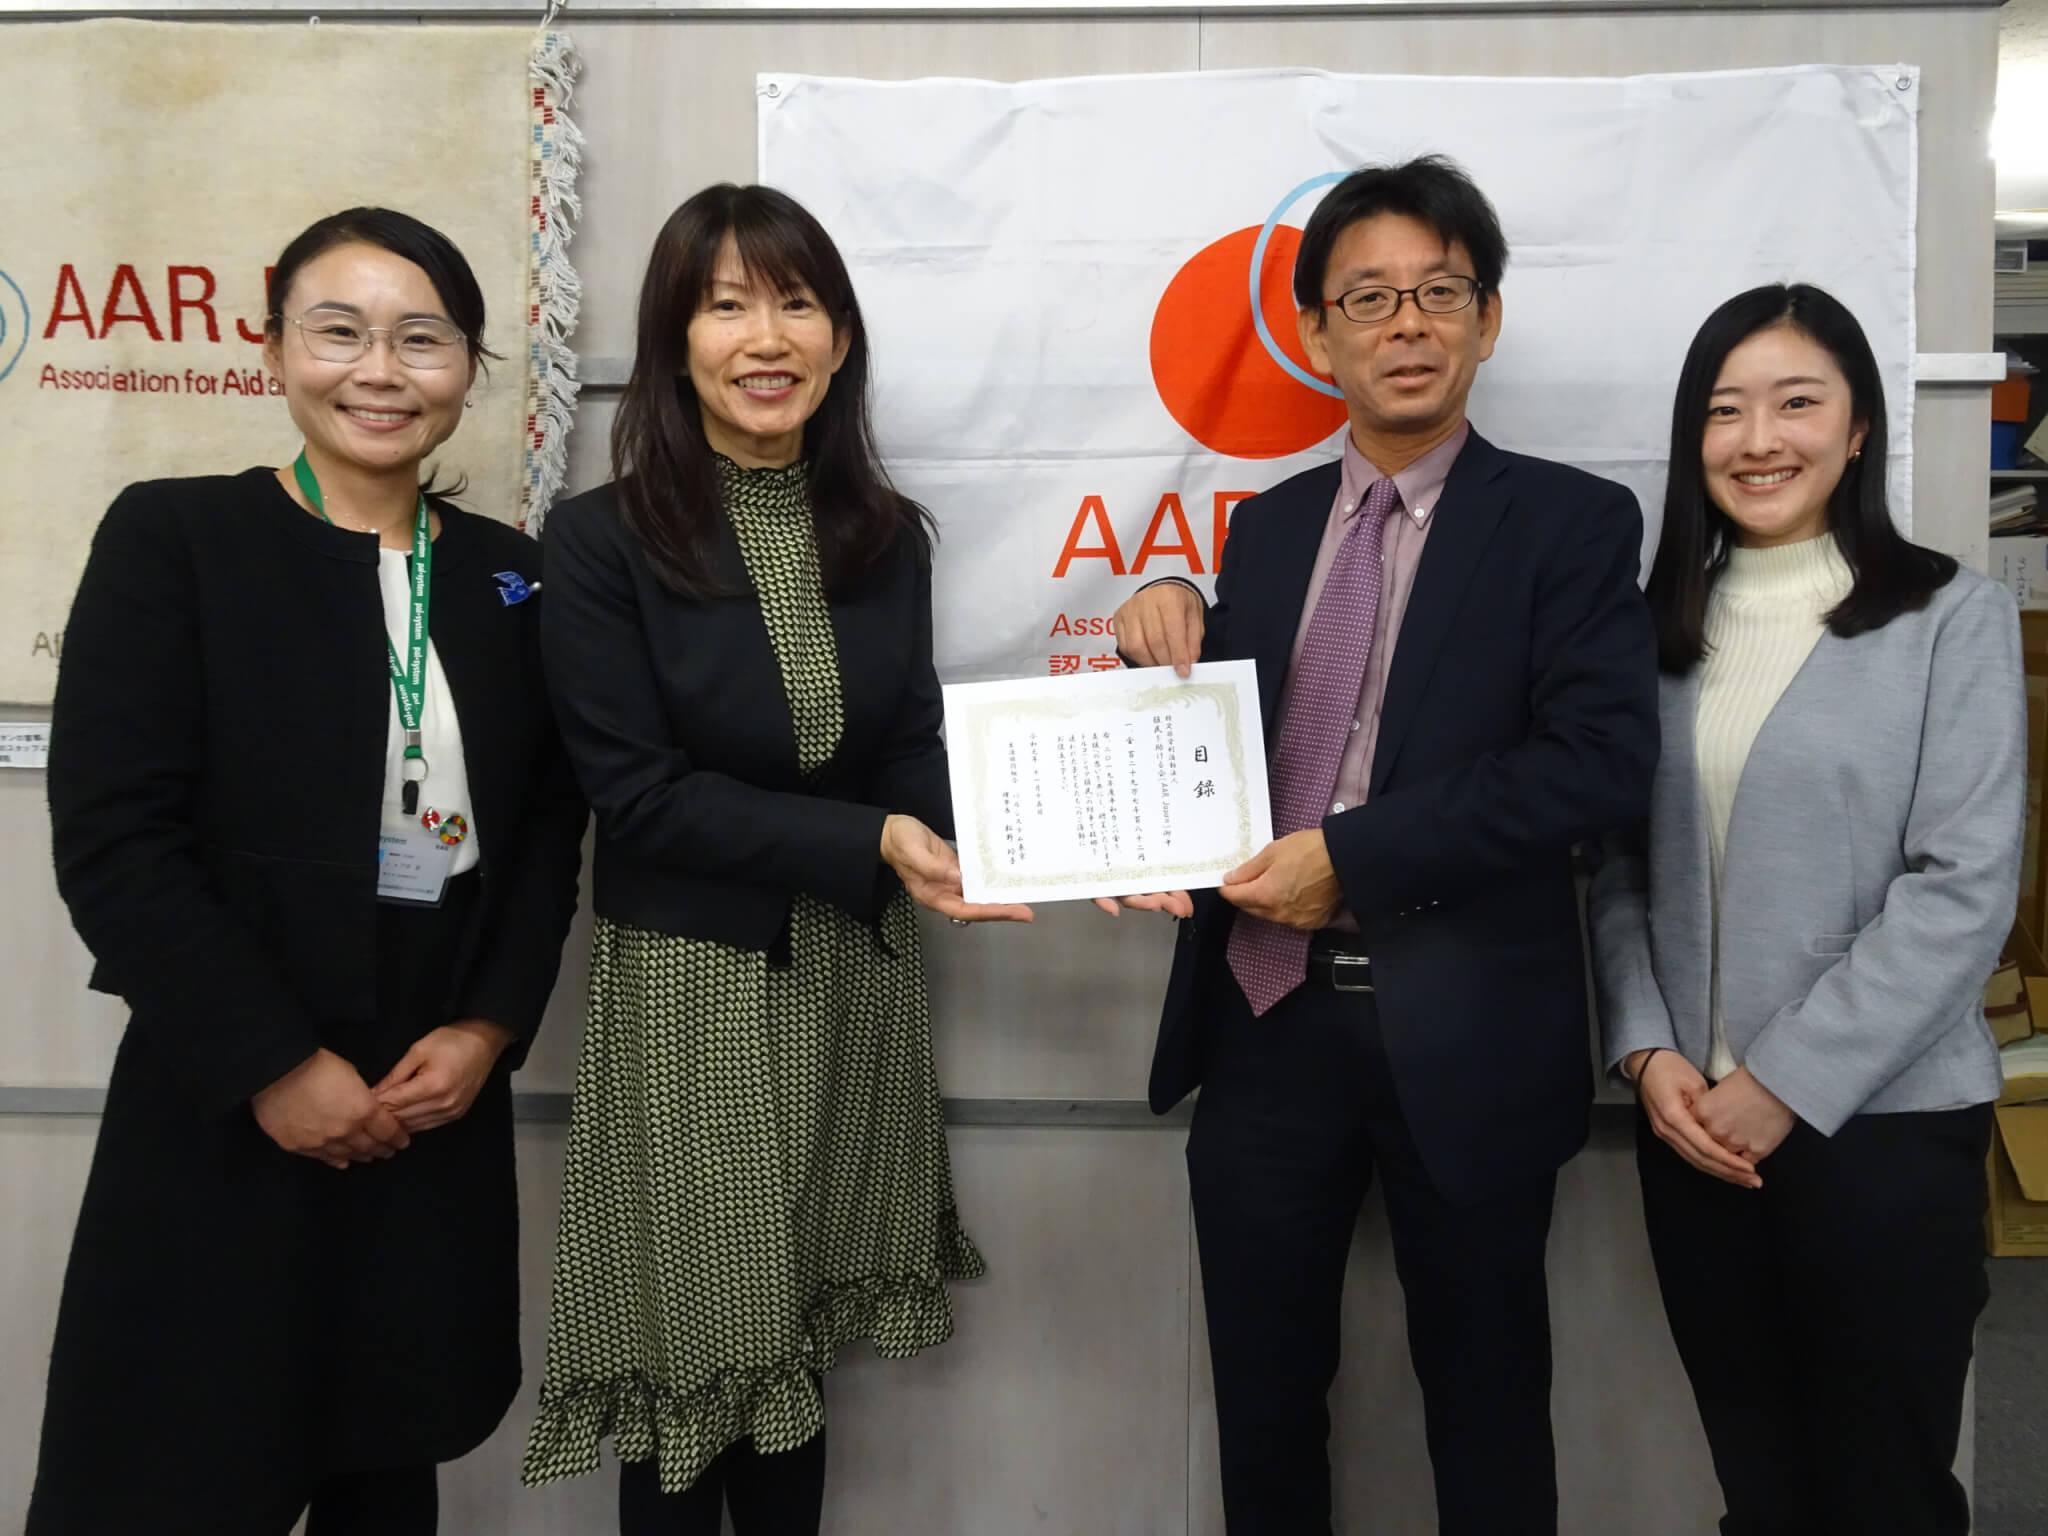 AAR Japan[難民を助ける会]